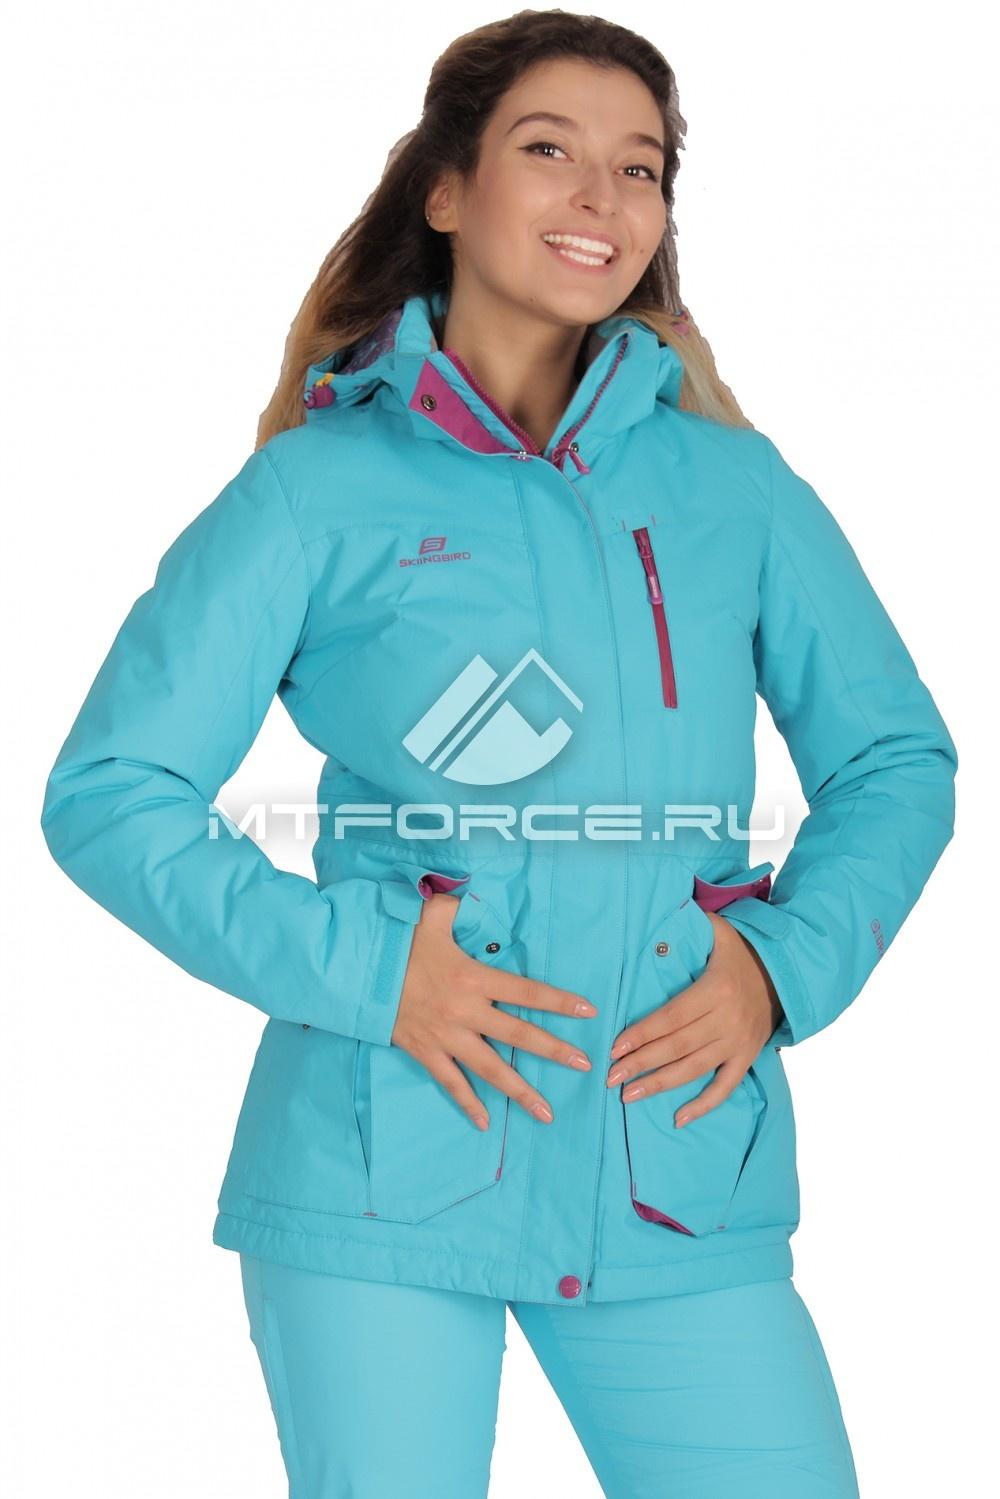 Купить                                  оптом Куртка демисезонная женская голубого цвета 1702Gl